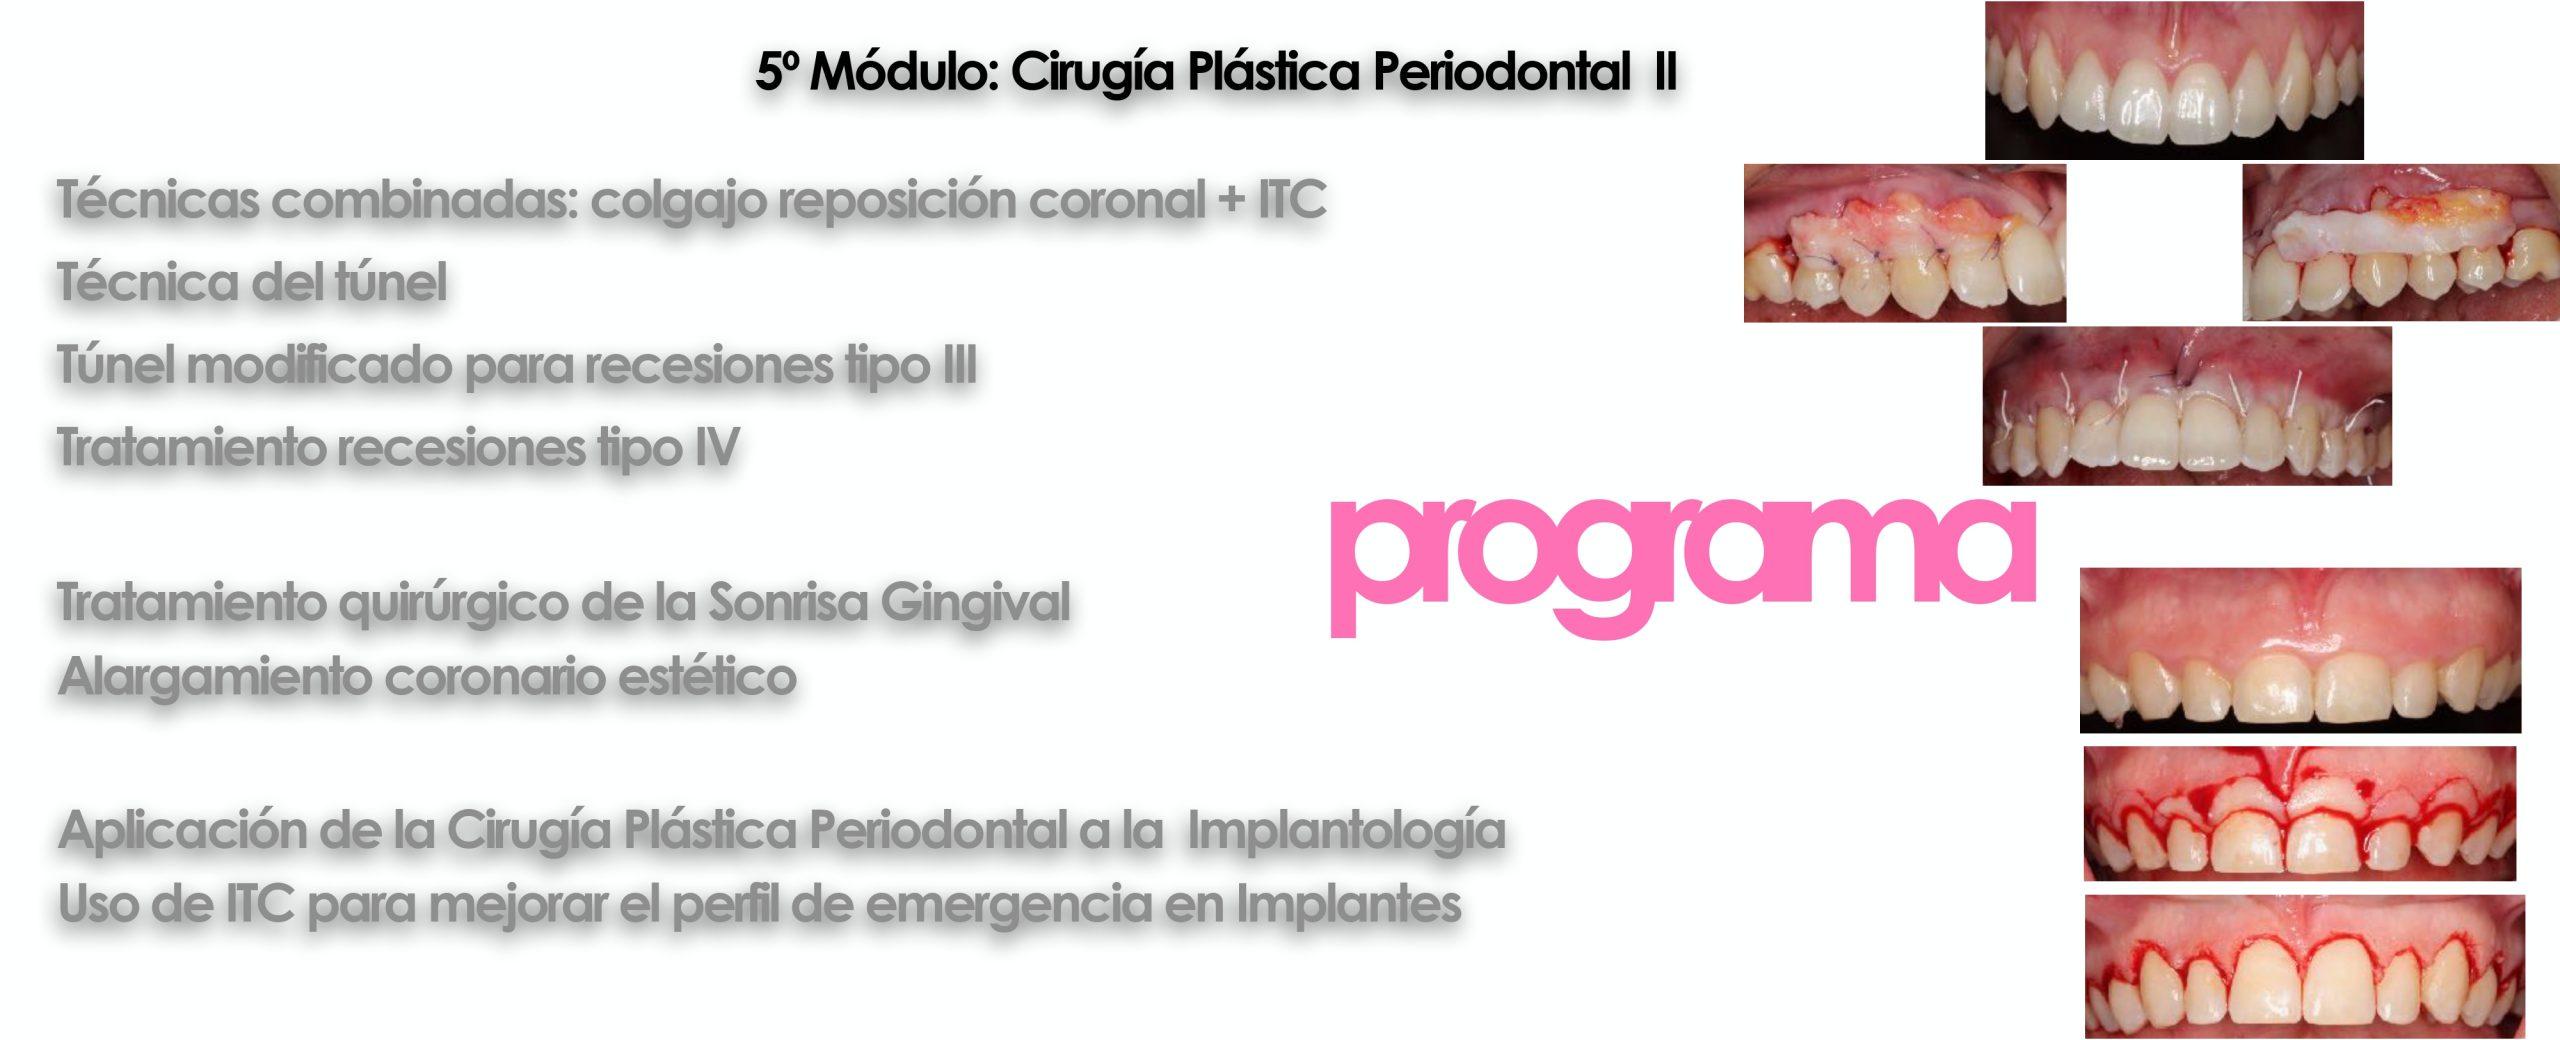 Curso cirugía periodontal e implantológica 2022 9